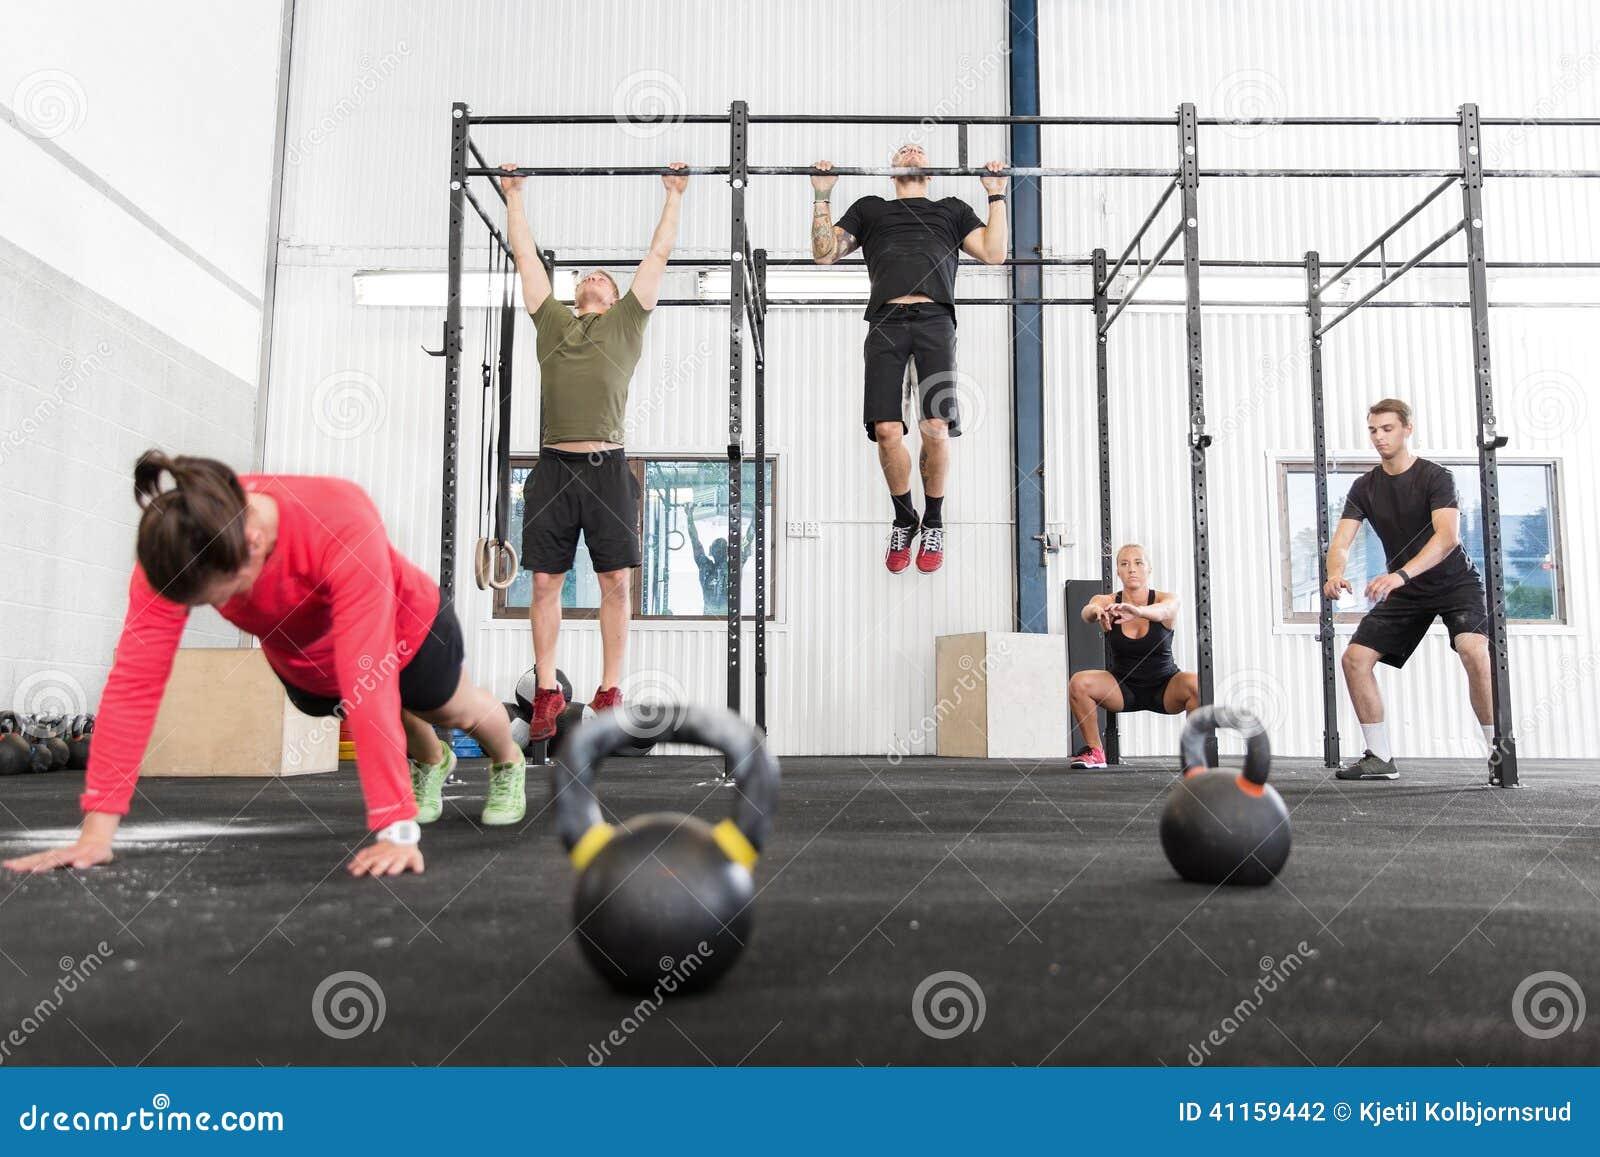 Η ομάδα Crossfit εκπαιδεύει τις διαφορετικές ασκήσεις